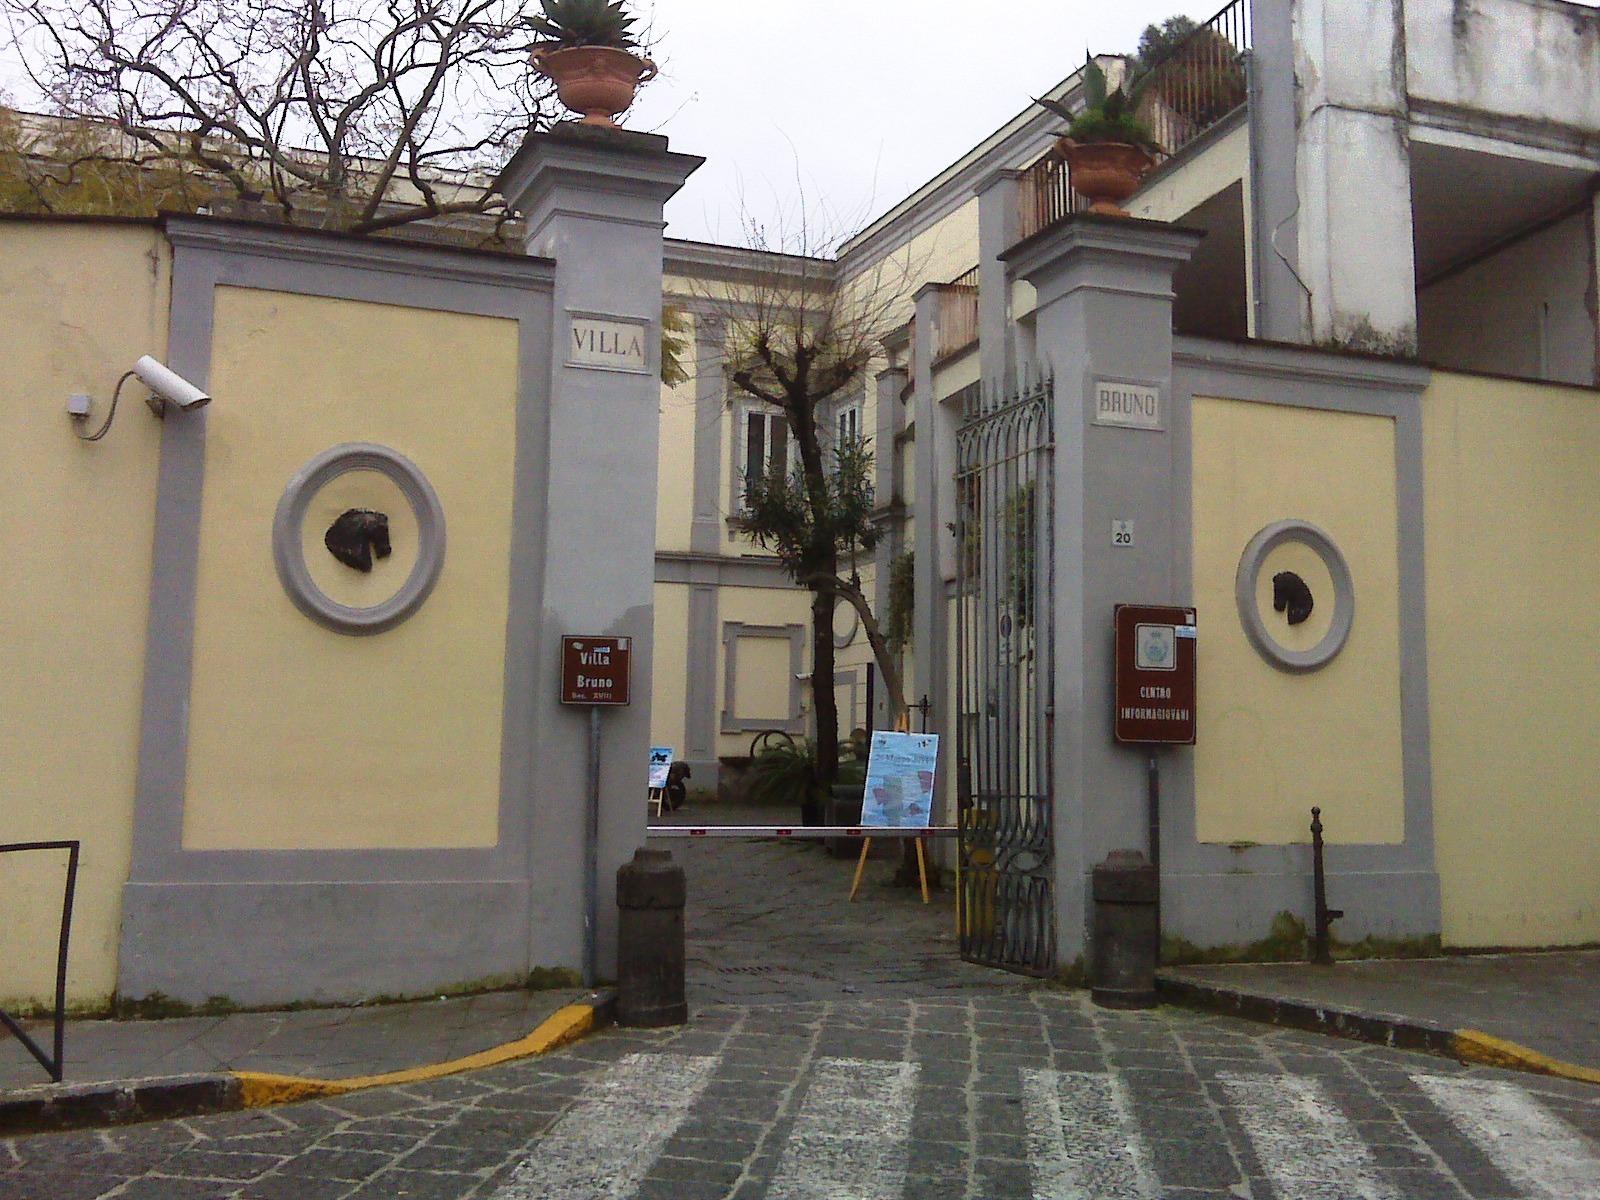 san giorgio villa bruno